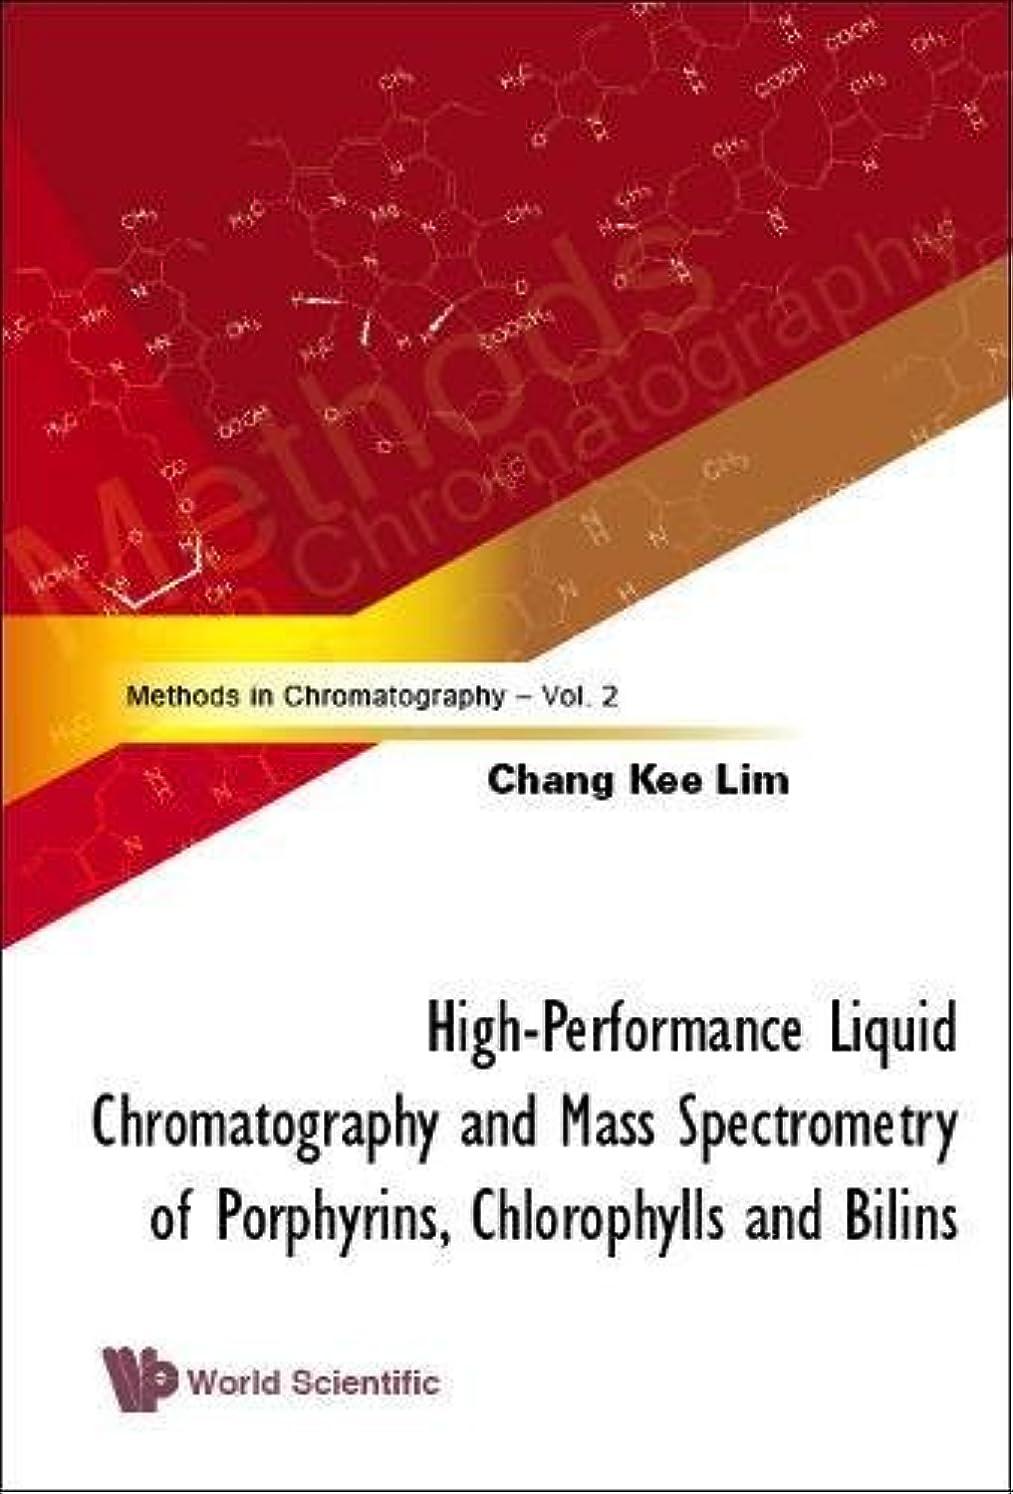 罪散る感嘆符High-Performance Liquid Chromatography and Mass Spectrometry of Porphyrins, Chlorophylls and Bilins: Methods in Chromatography